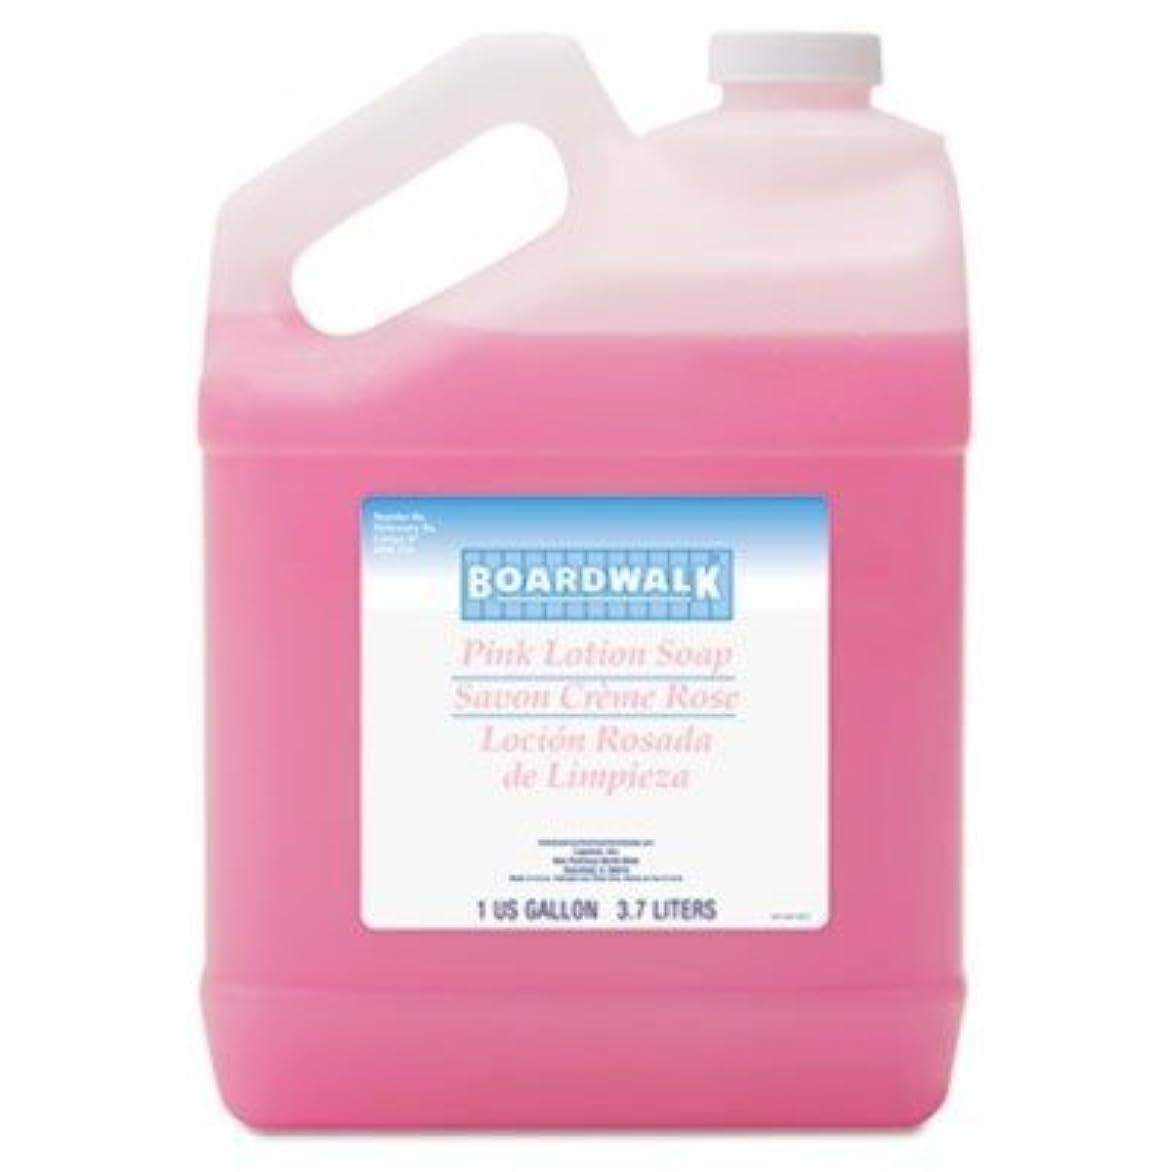 キモいモバイルバズbwk410 – Mild Cleansing Lotion Soap、LTピンク花柄香り、液体、1ガロンボトル